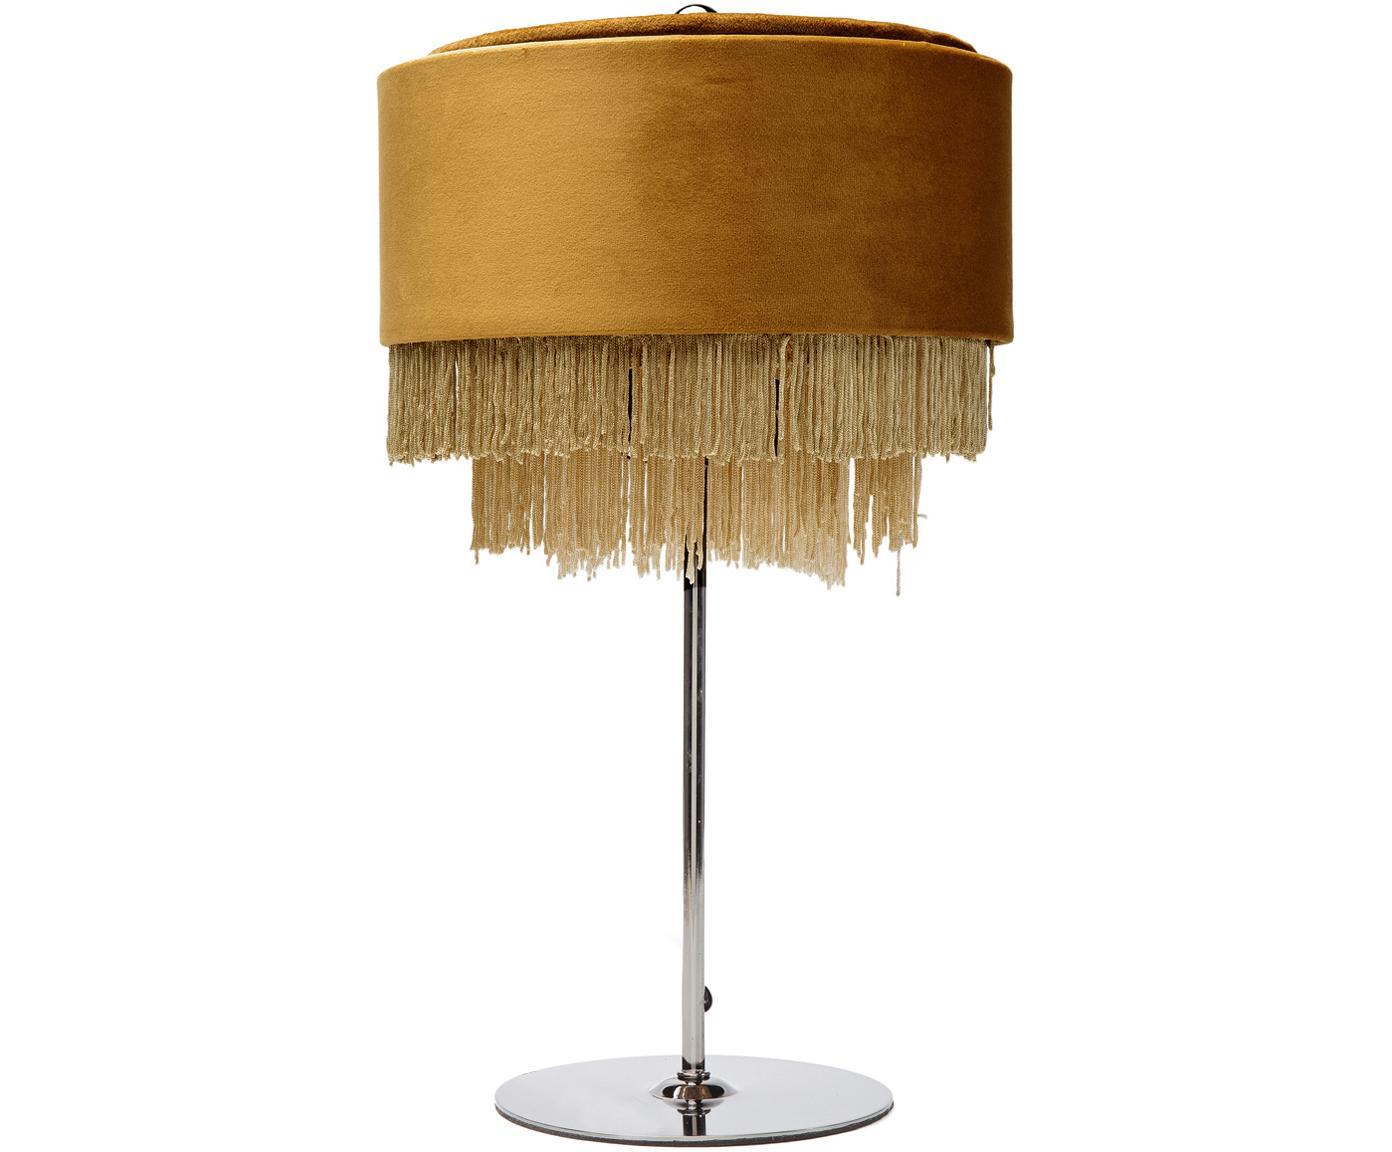 Samt-Tischleuchte Tassel, Fransen: Polyester, Lampenfuß: Stahl, lackiert, Gelb, Ø 25 x H 43 cm